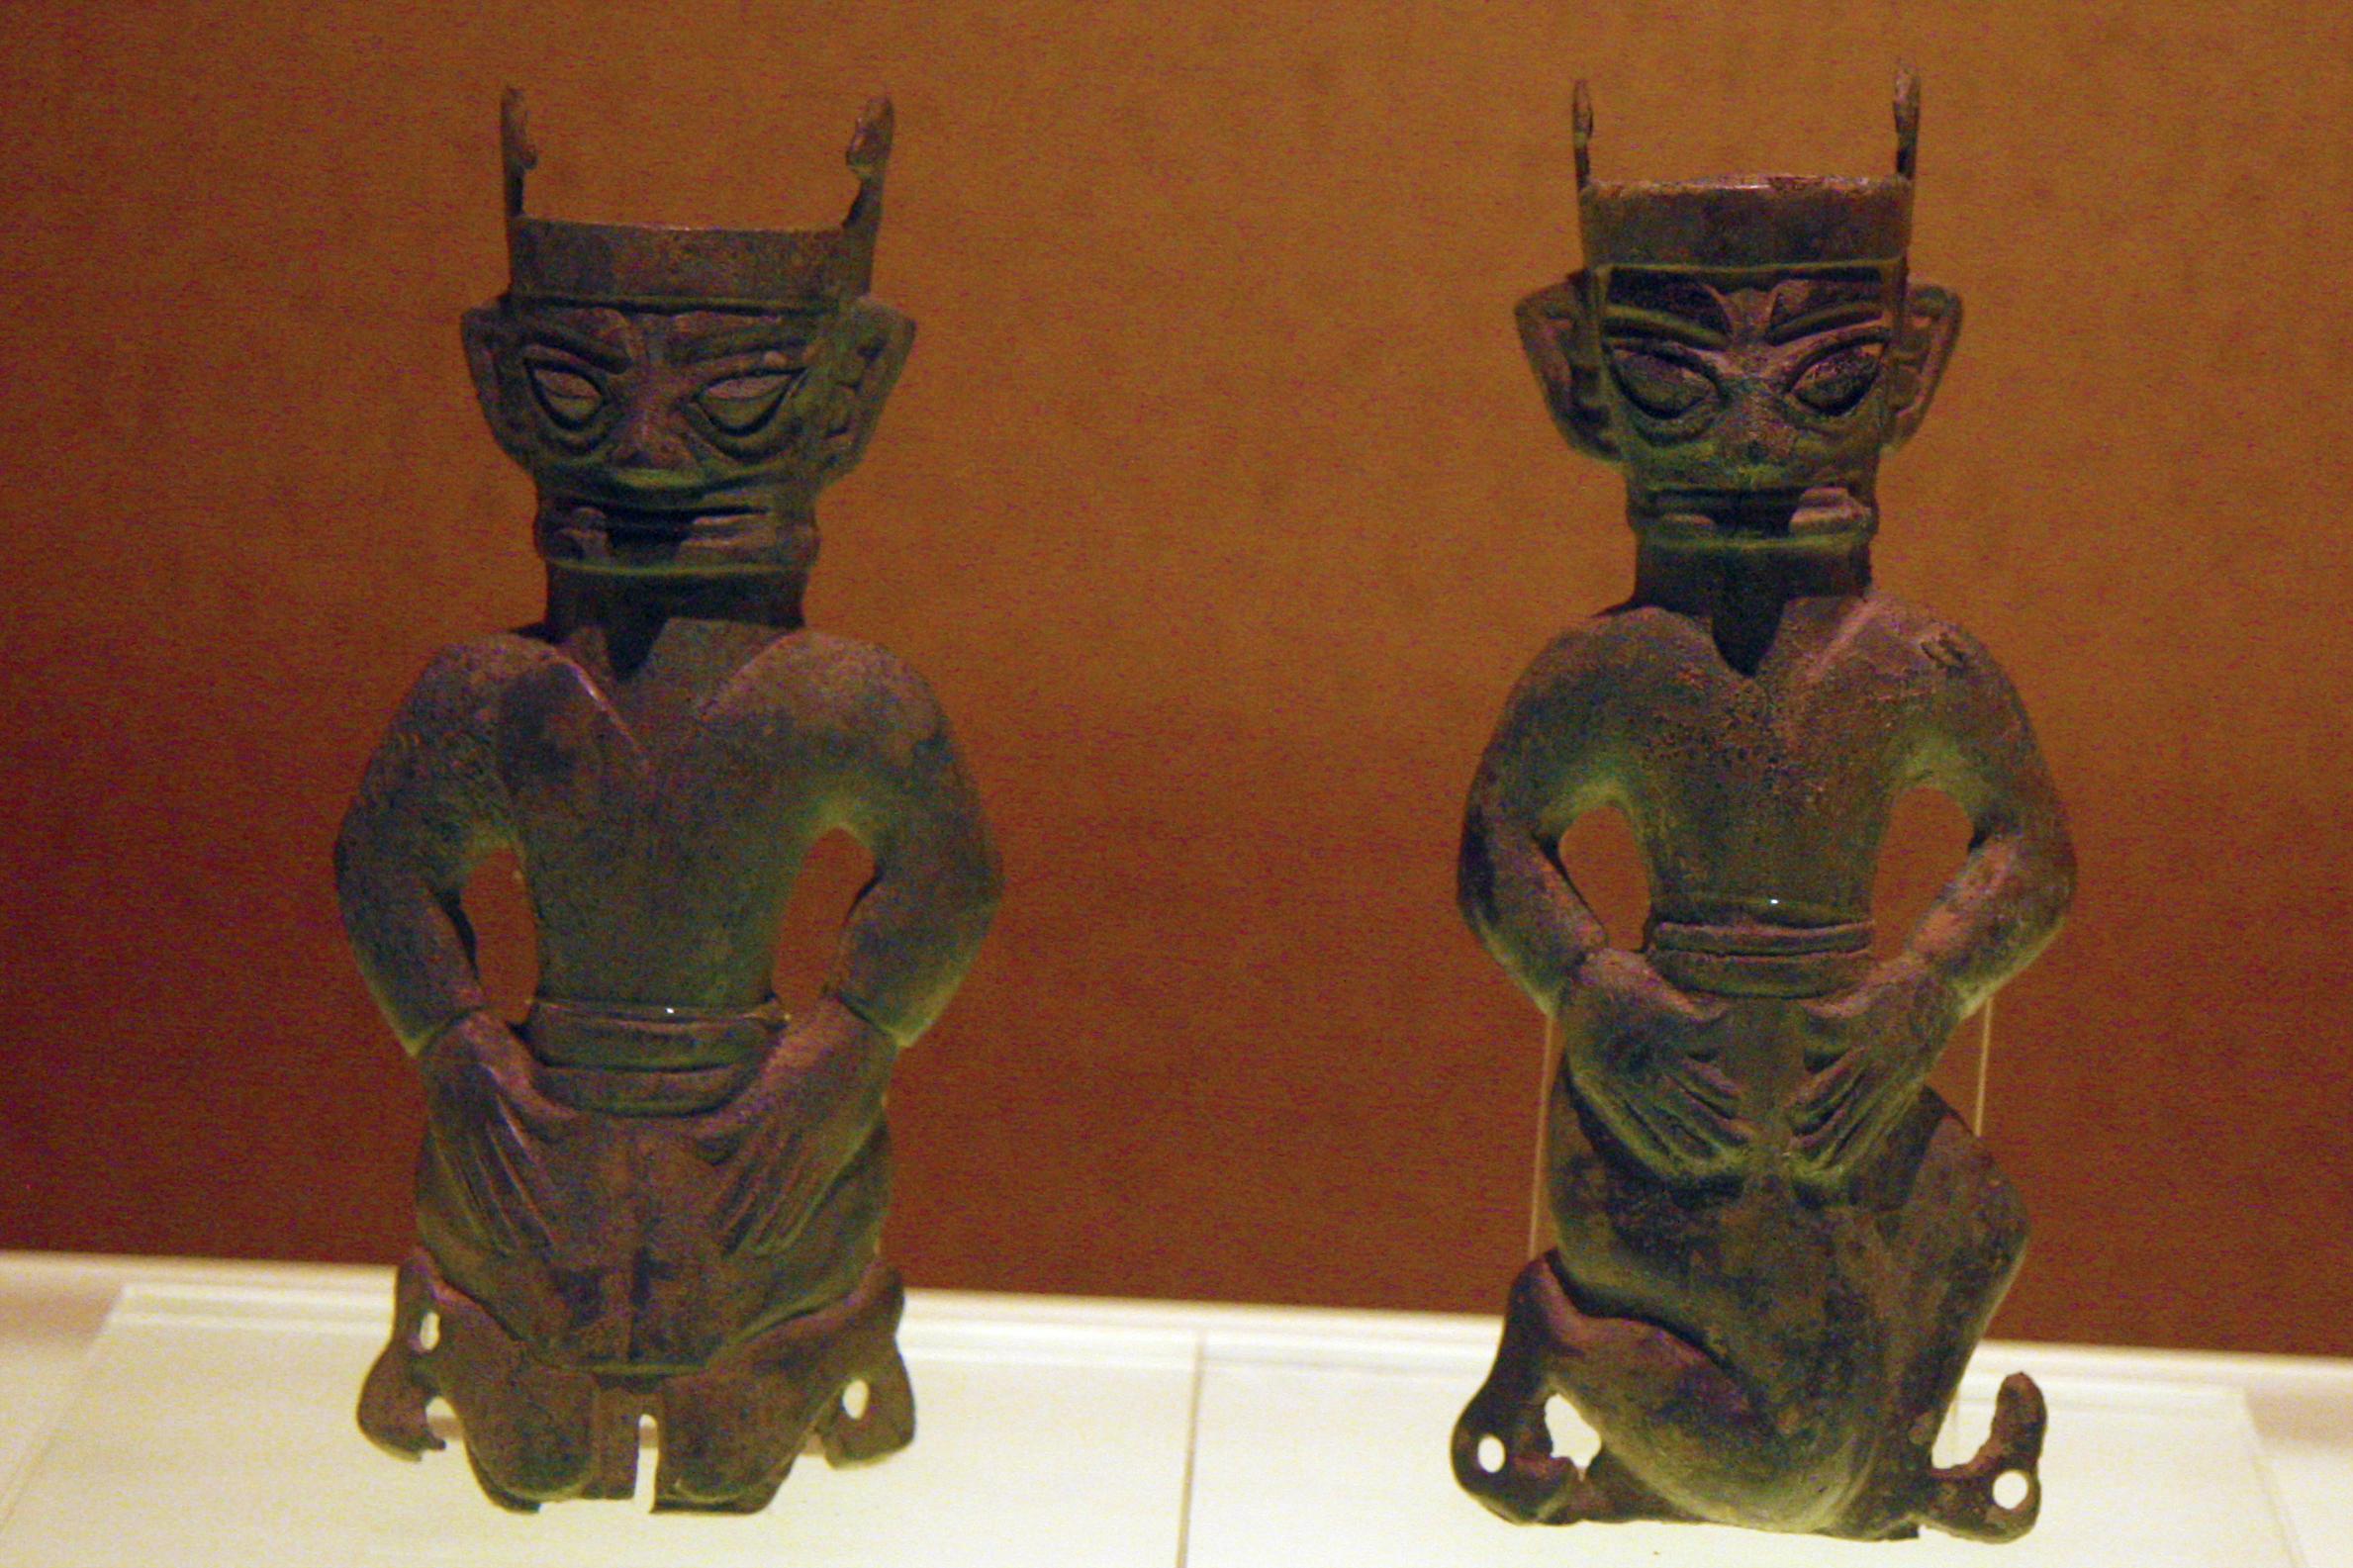 2 figures kneeling